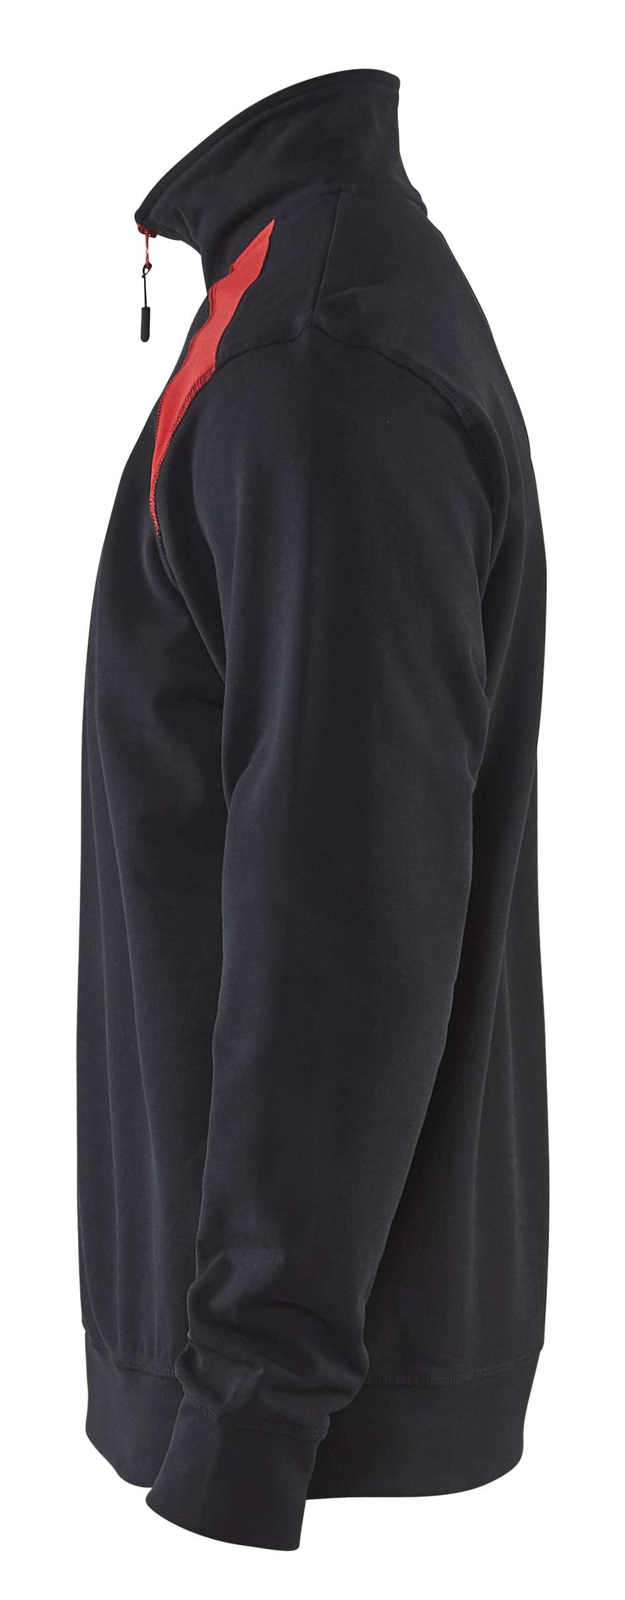 Blaklader Sweatshirts 33531158 zwart-rood(9956)